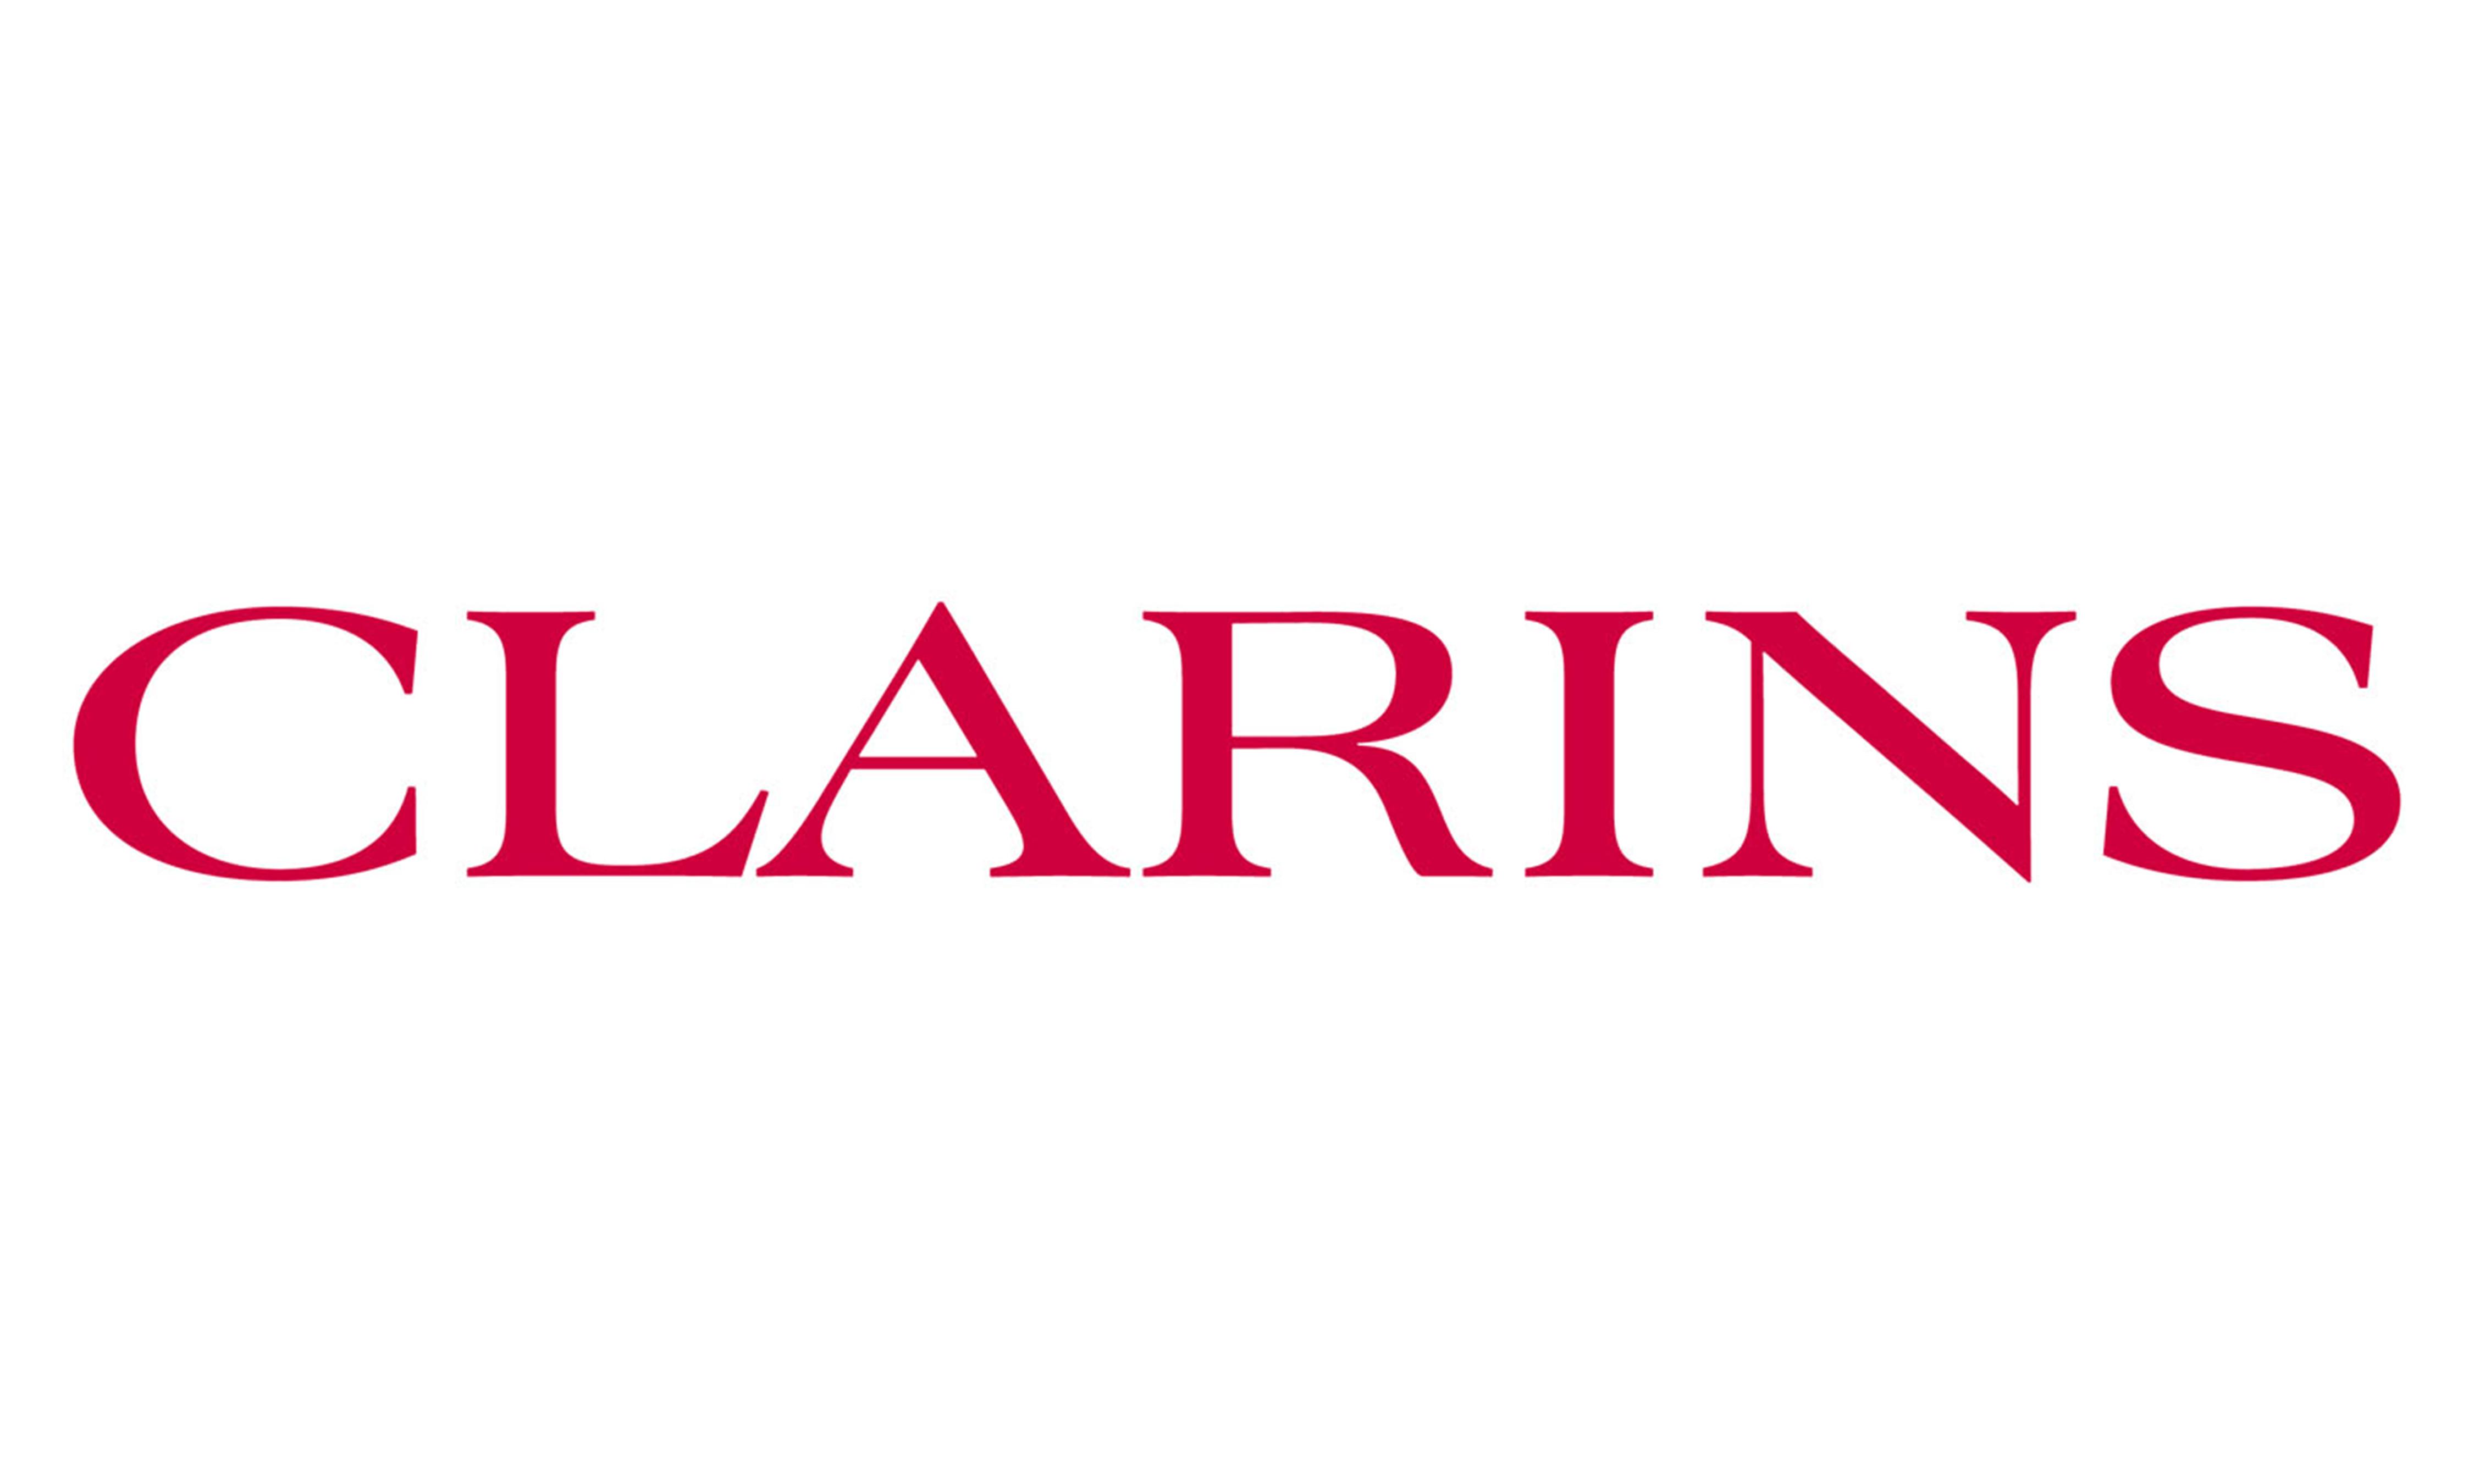 كلارنس -CLARINS